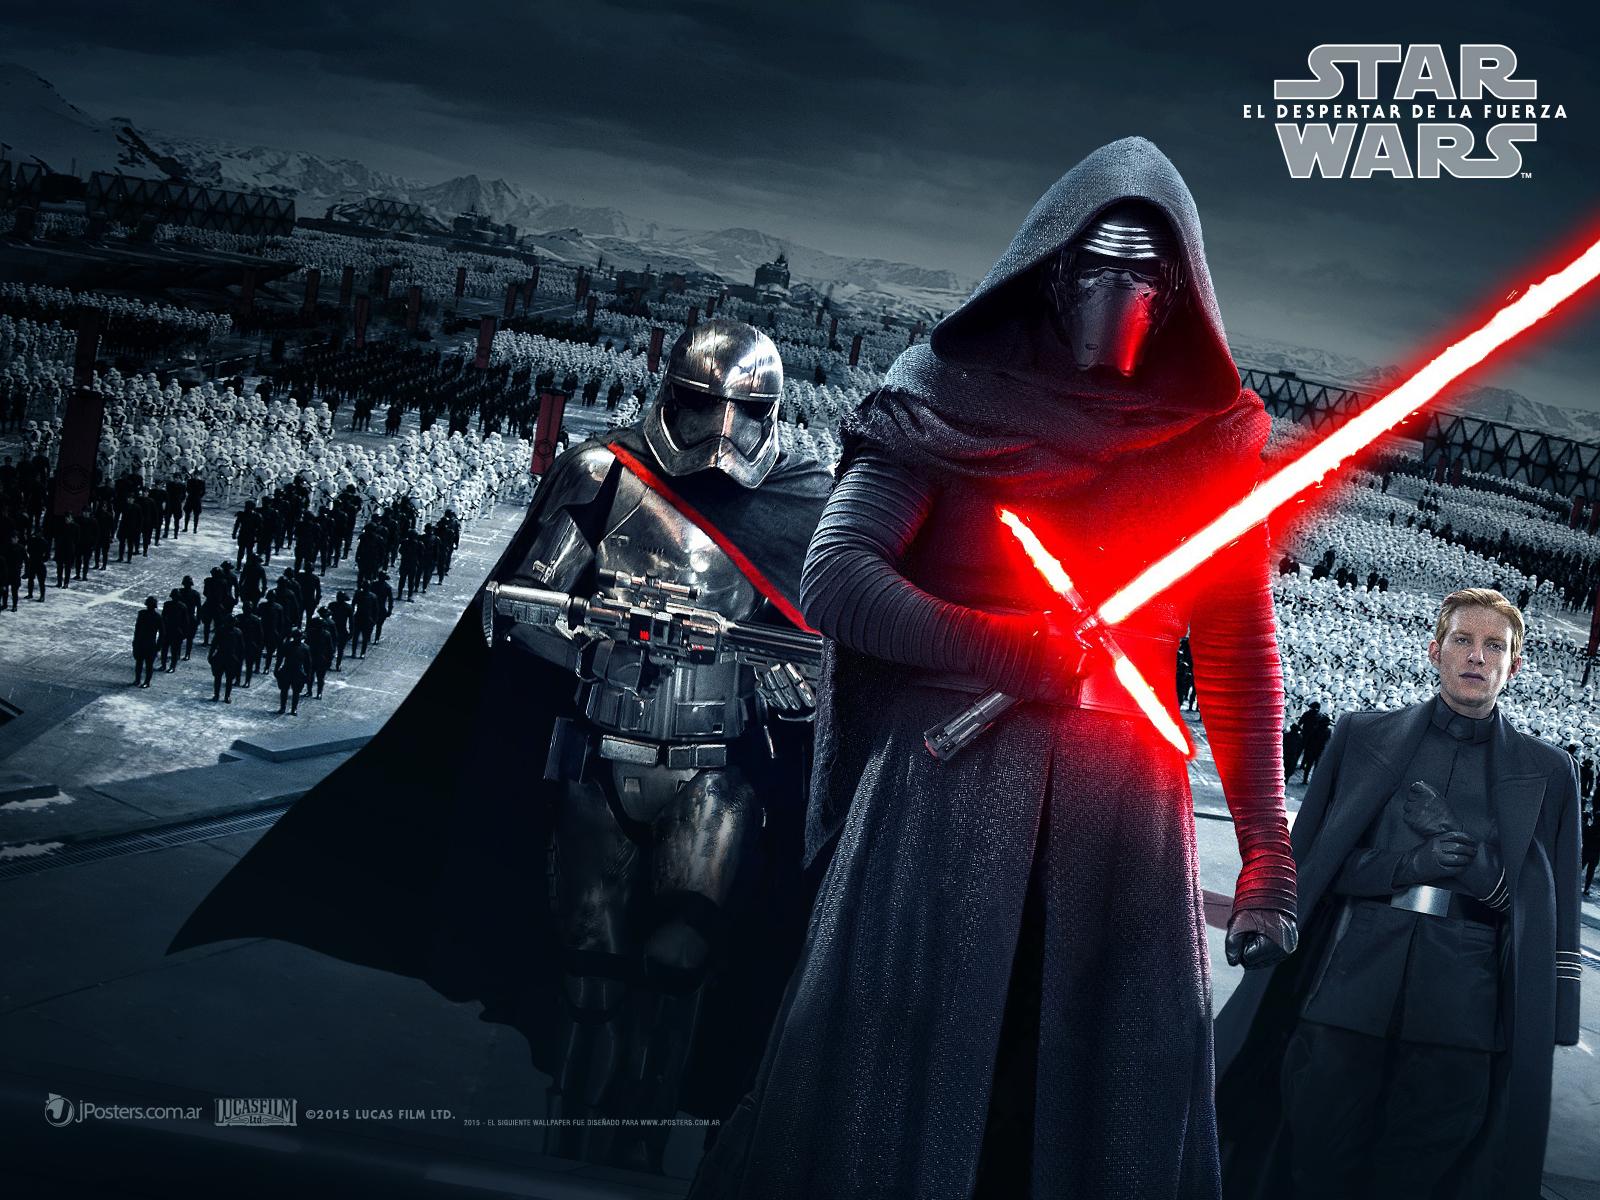 rumor: 'the force awakens' international wallpaper revealed | the